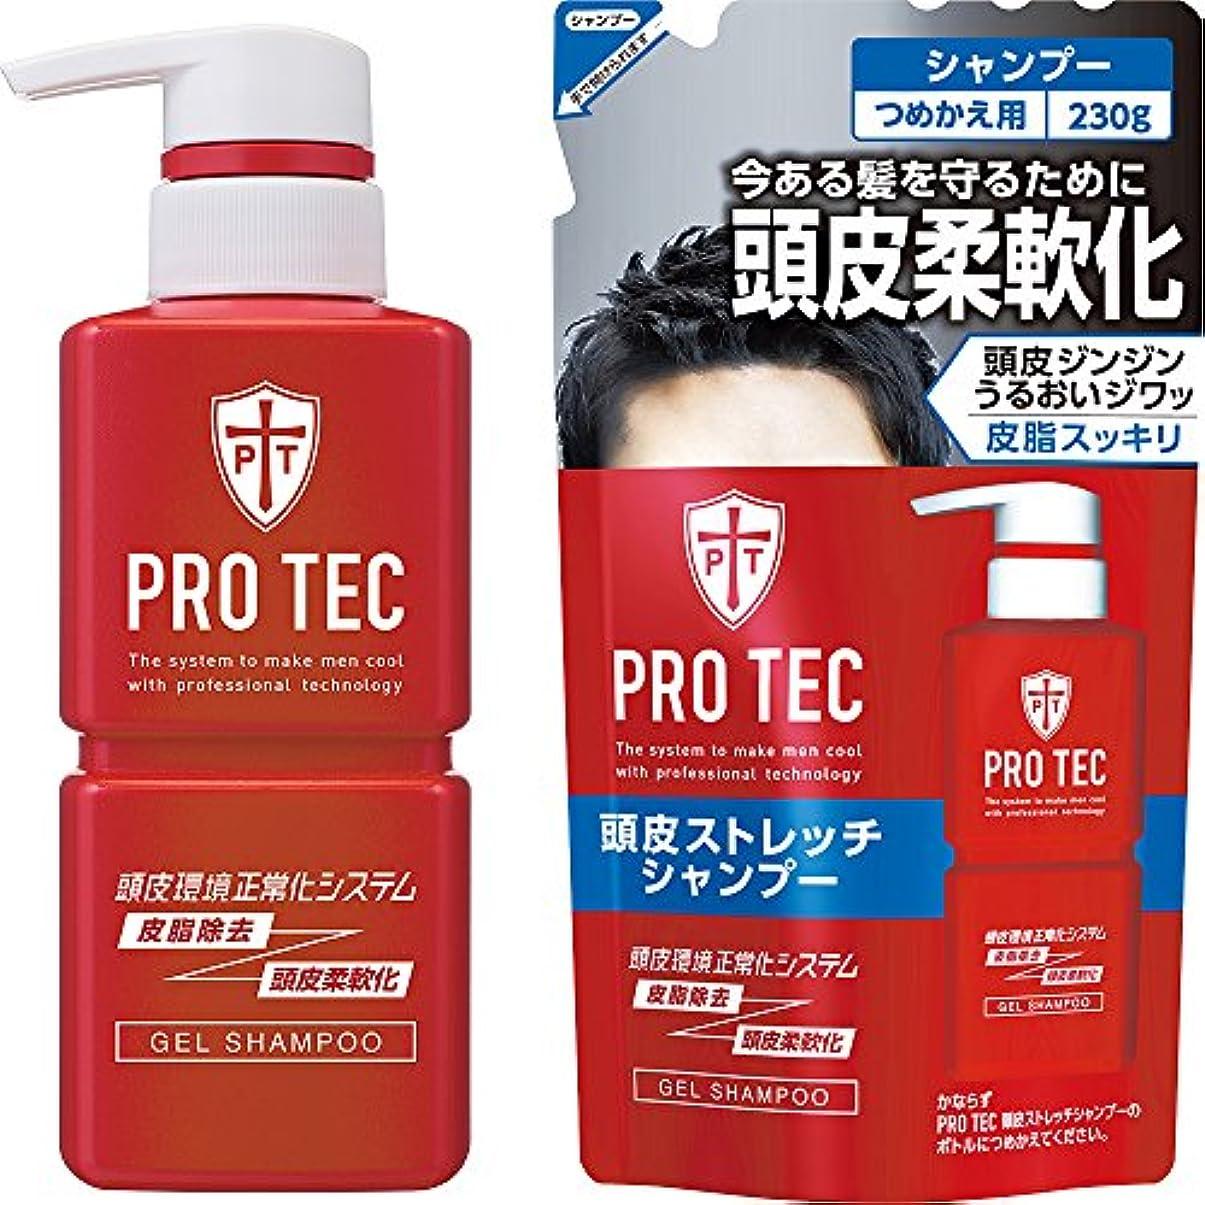 再撮りレタス多様性PRO TEC(プロテク) 頭皮ストレッチシャンプー 本体ポンプ300g+詰め替え230g セット(医薬部外品)